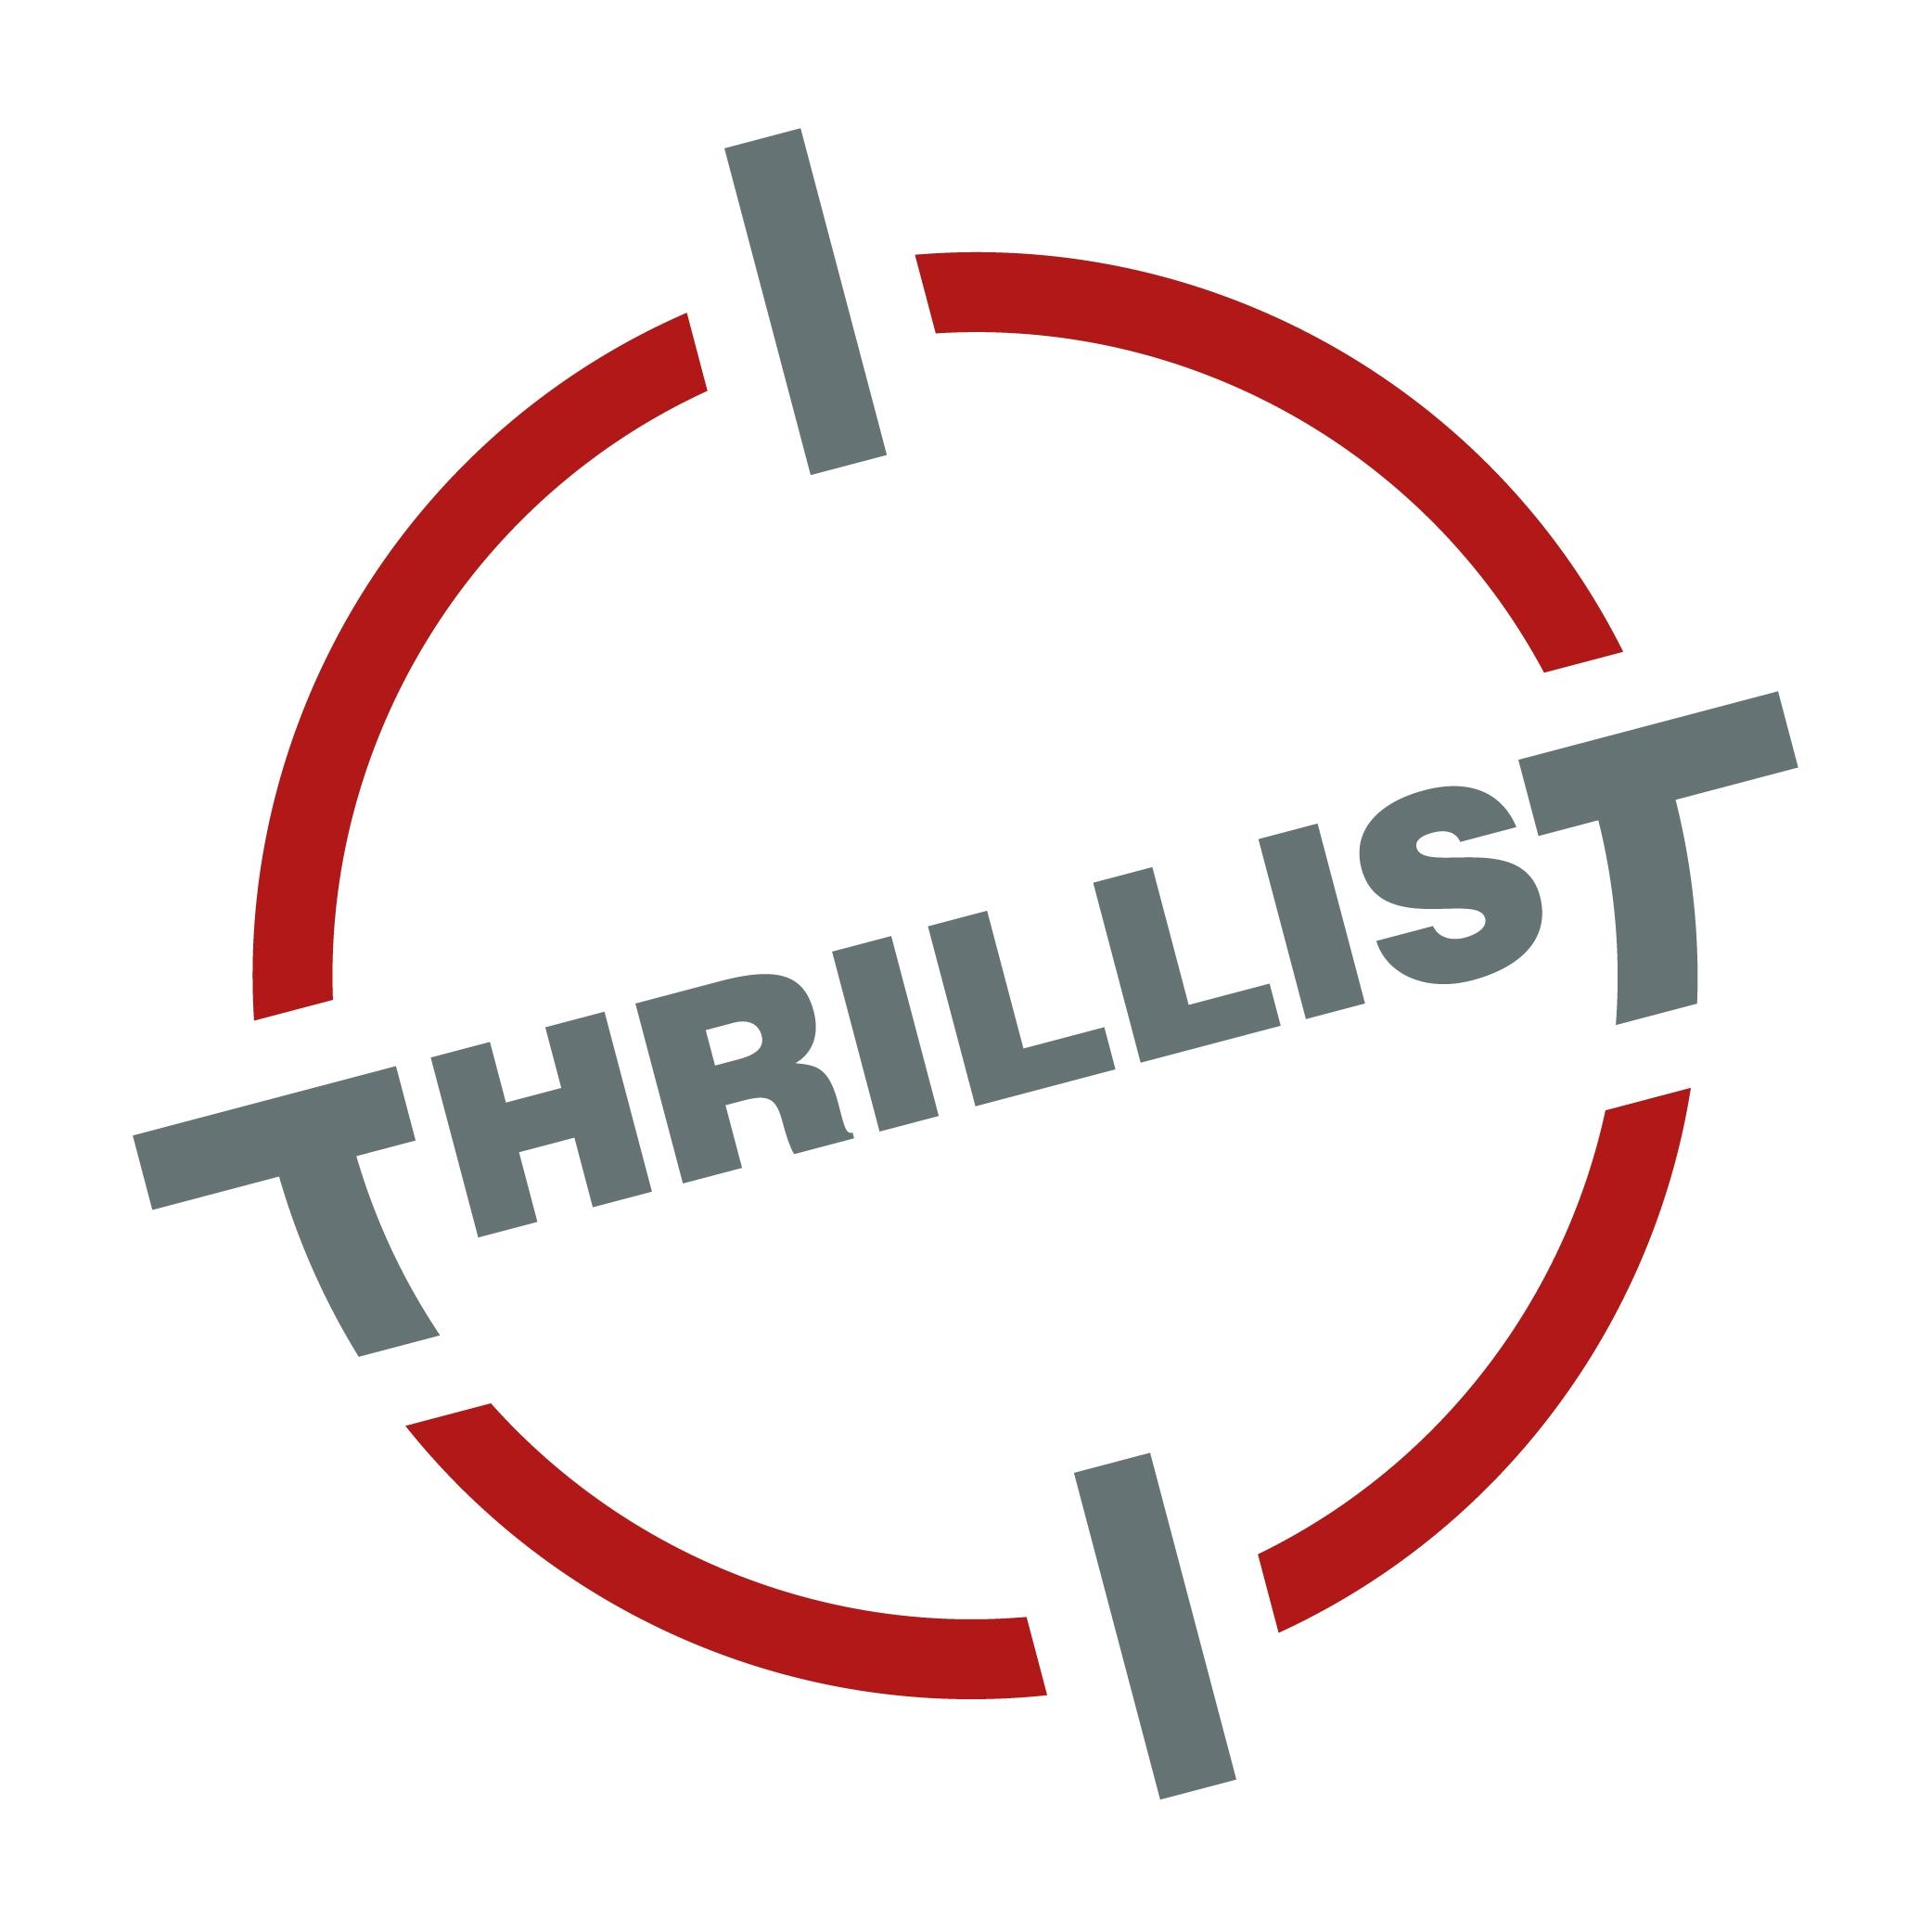 thrillist.logo.JPG